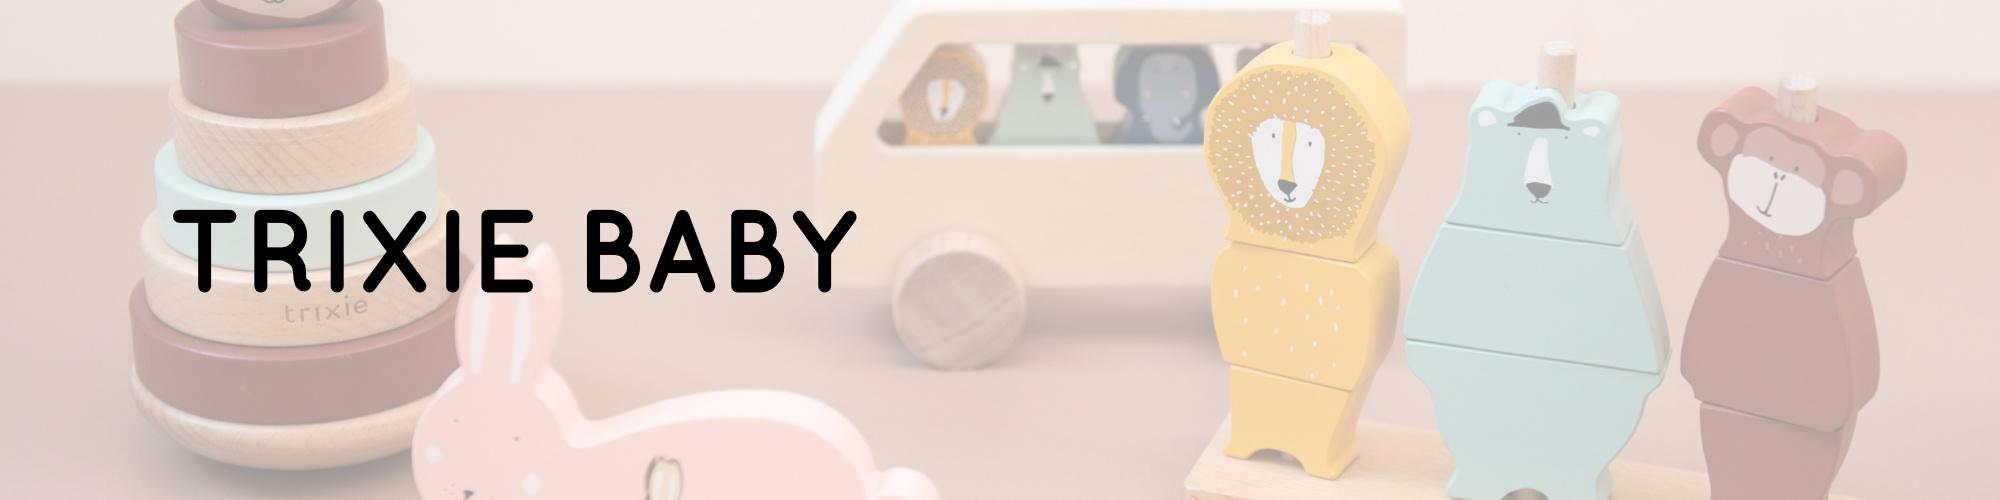 Trixie Baby, Trixie, Trixie Spielwaren, Trixie Rucksack, Trinkflasche, Holzspielzeug, Silikonspielzeug, Spielzeug, Spielwaren,Stofftiger, Rucksack, Kindergarten, Rucksack, Kleinkind, Kind, Beutel, Sack, Personalisiert, Personalisiertes Geschenk, Kita, Kindertagesstätte, Kita Start, Little Dutch, Kindergarten